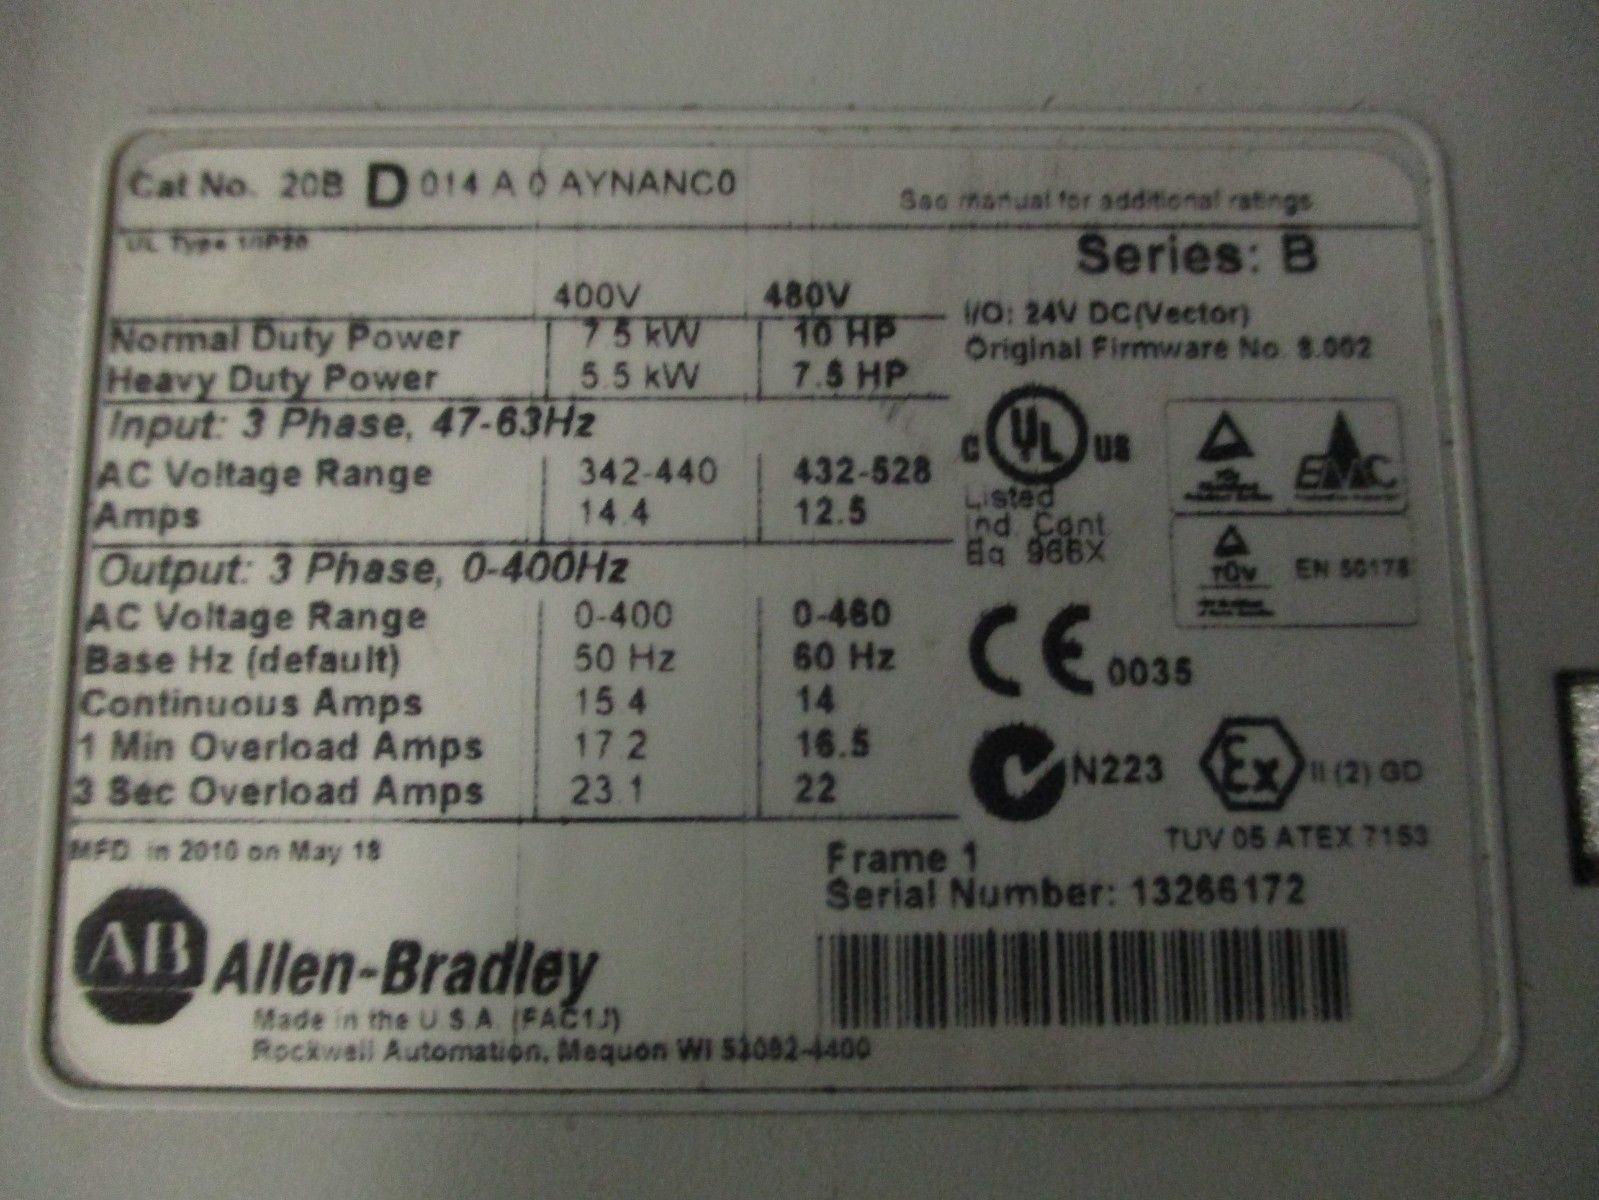 Allen Bradley 20B-D-014-A-0-AYNANCO PowerFlex 700 Drive 10HP VFD 1 year  warranty